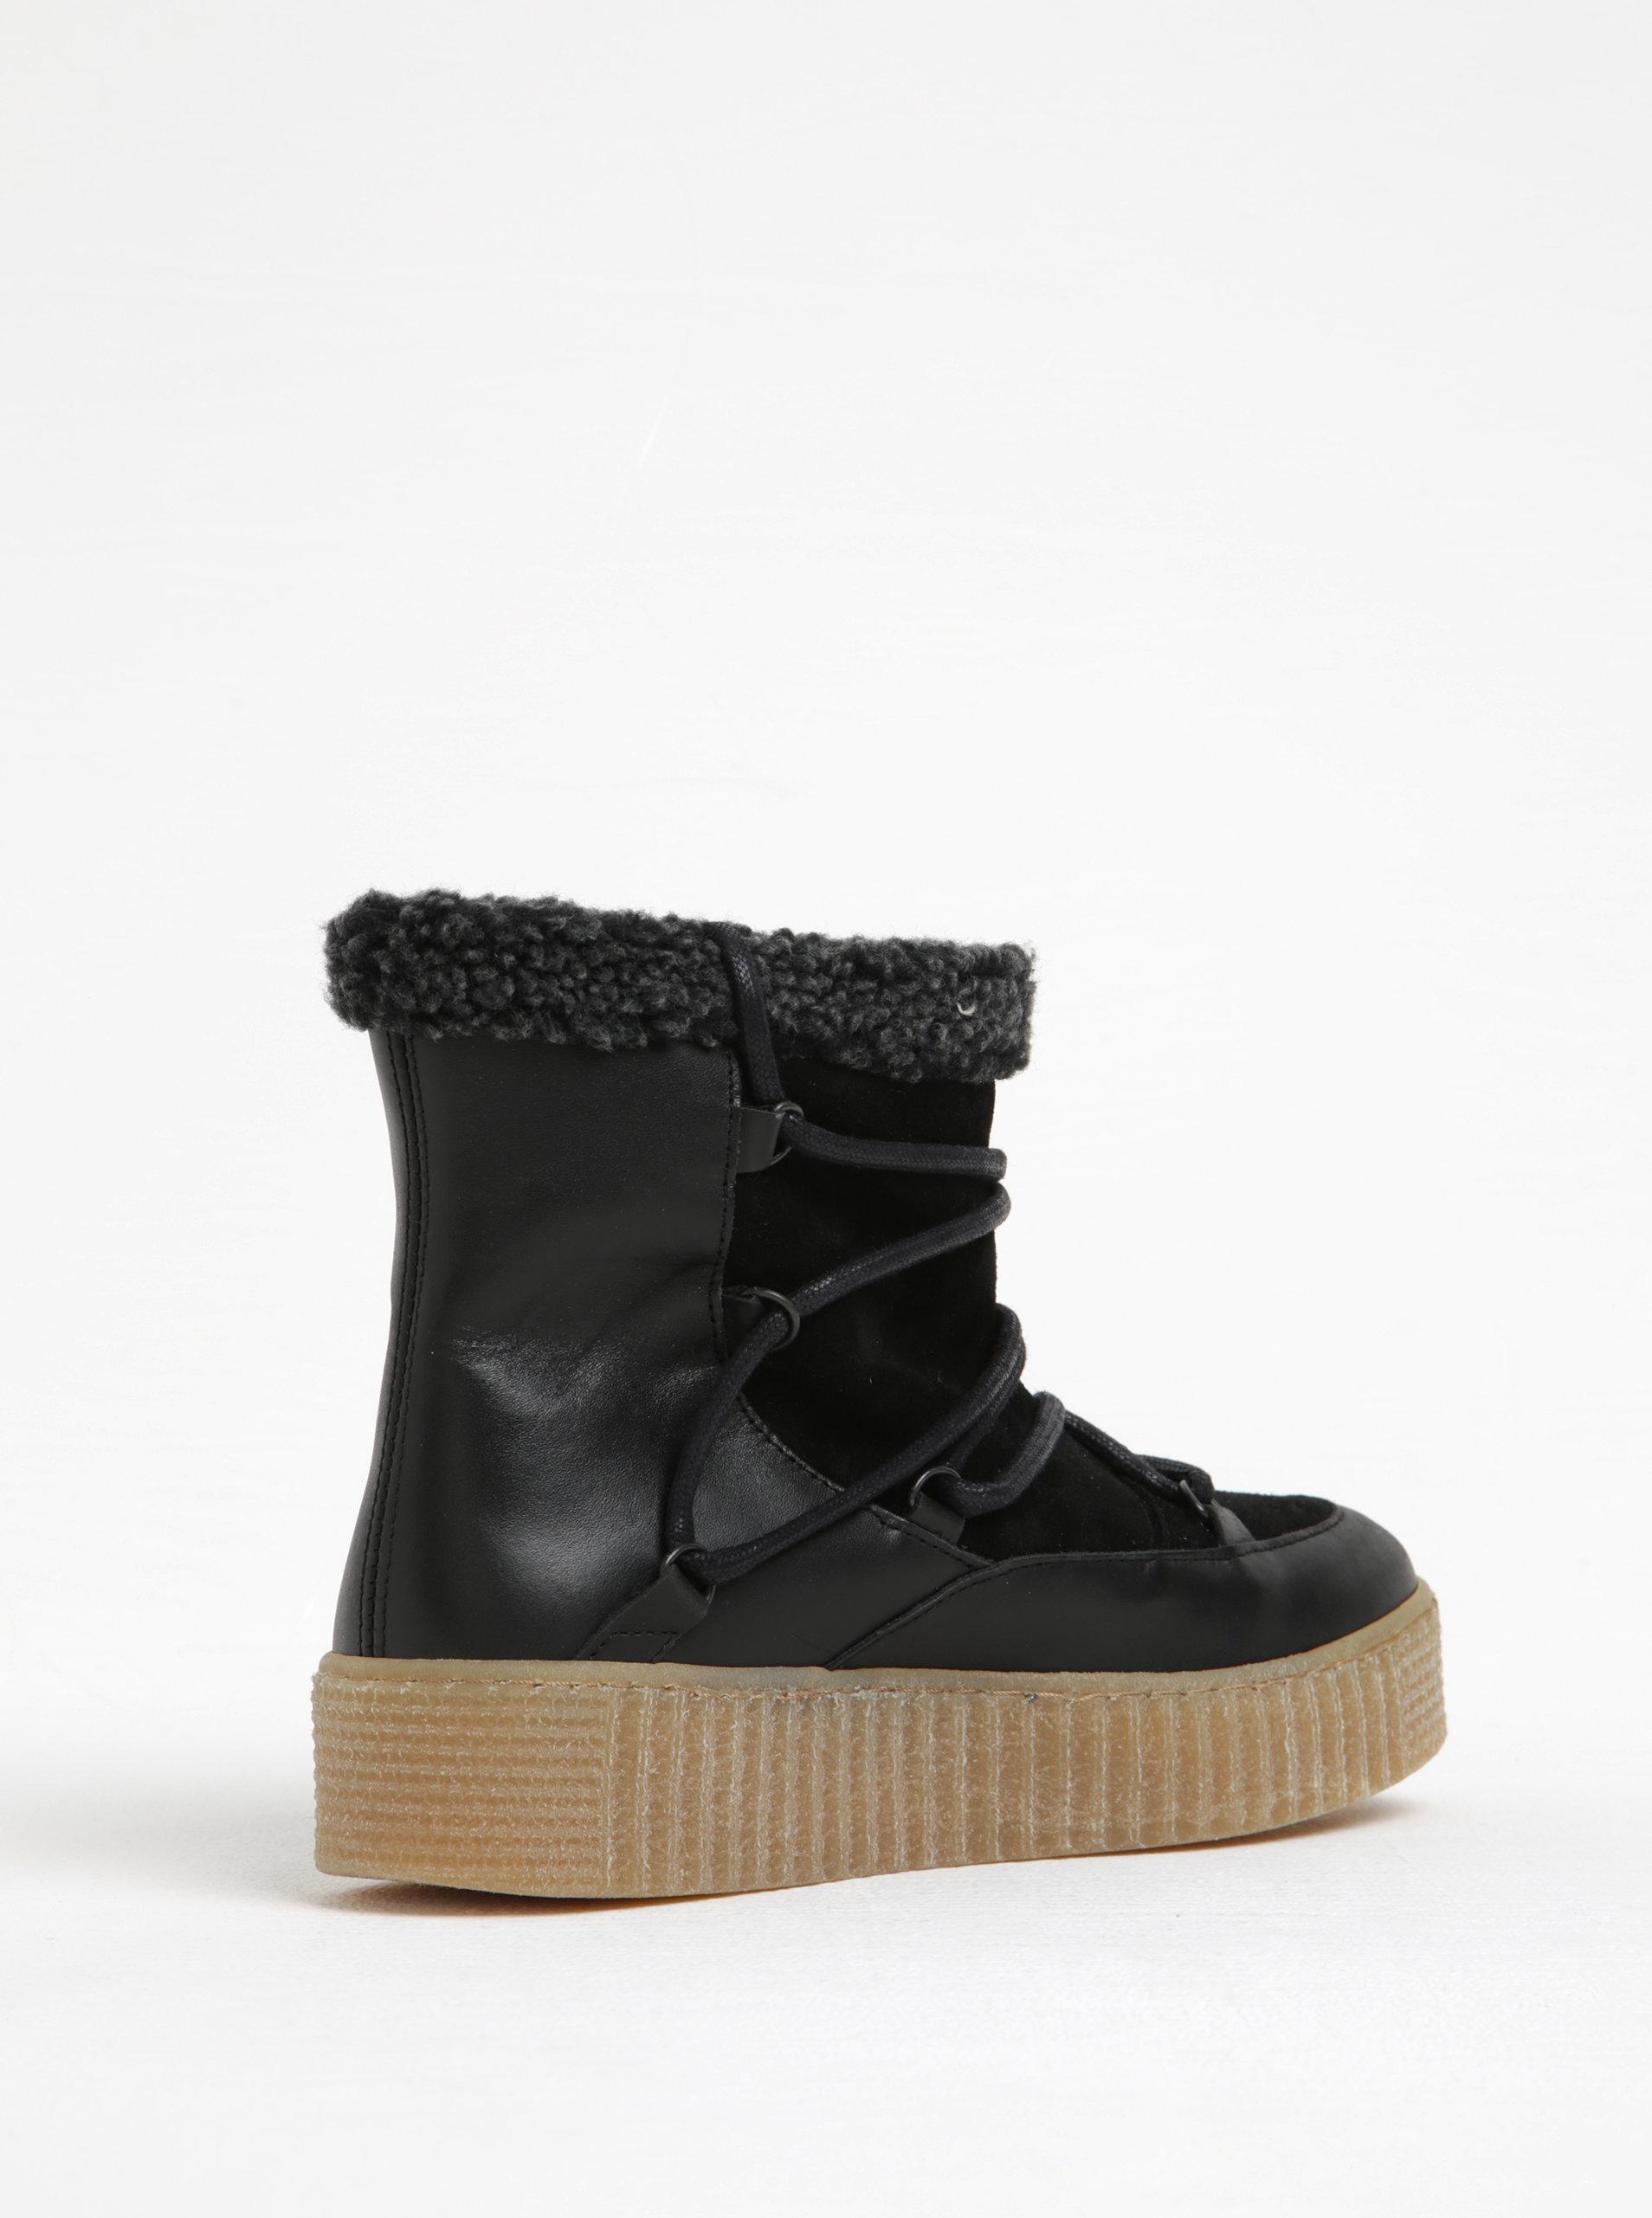 Černé zimní kožené kotníkové boty s kožíškem Pieces Paccia ... 4374427757